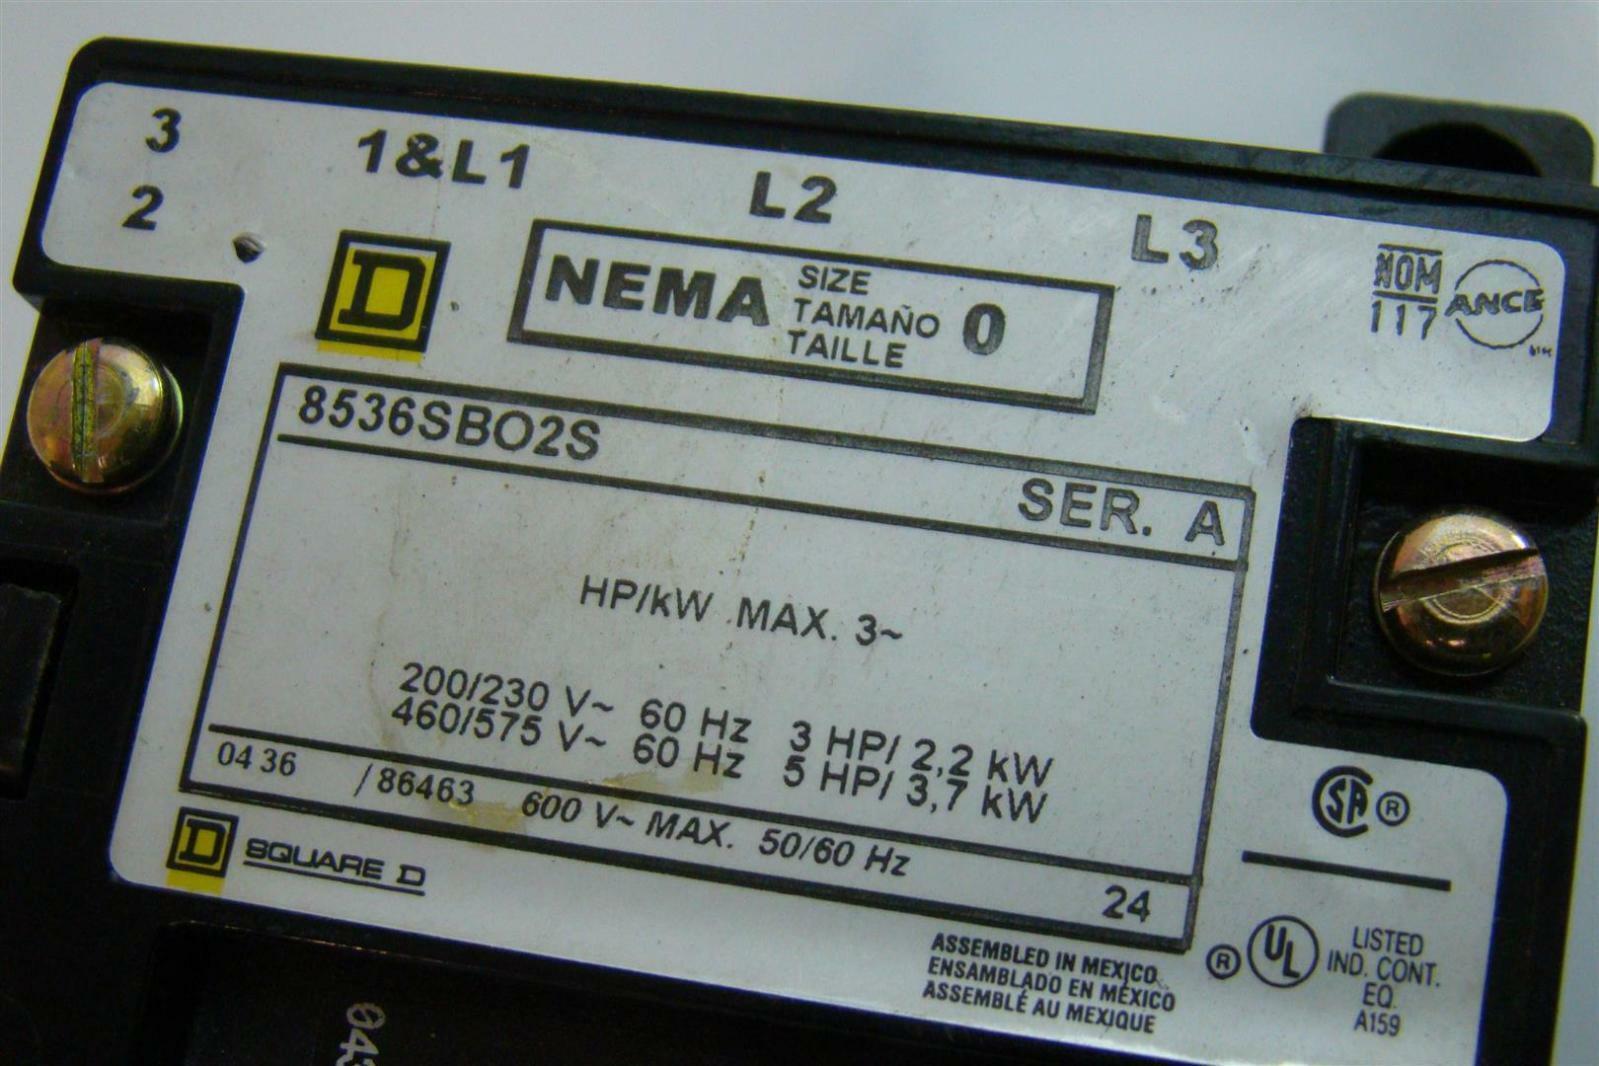 Motor Starter Size Square D Nema 1 Wiring Diagram 0 3 5hp 8502 8536 Sb 608536sbo2s